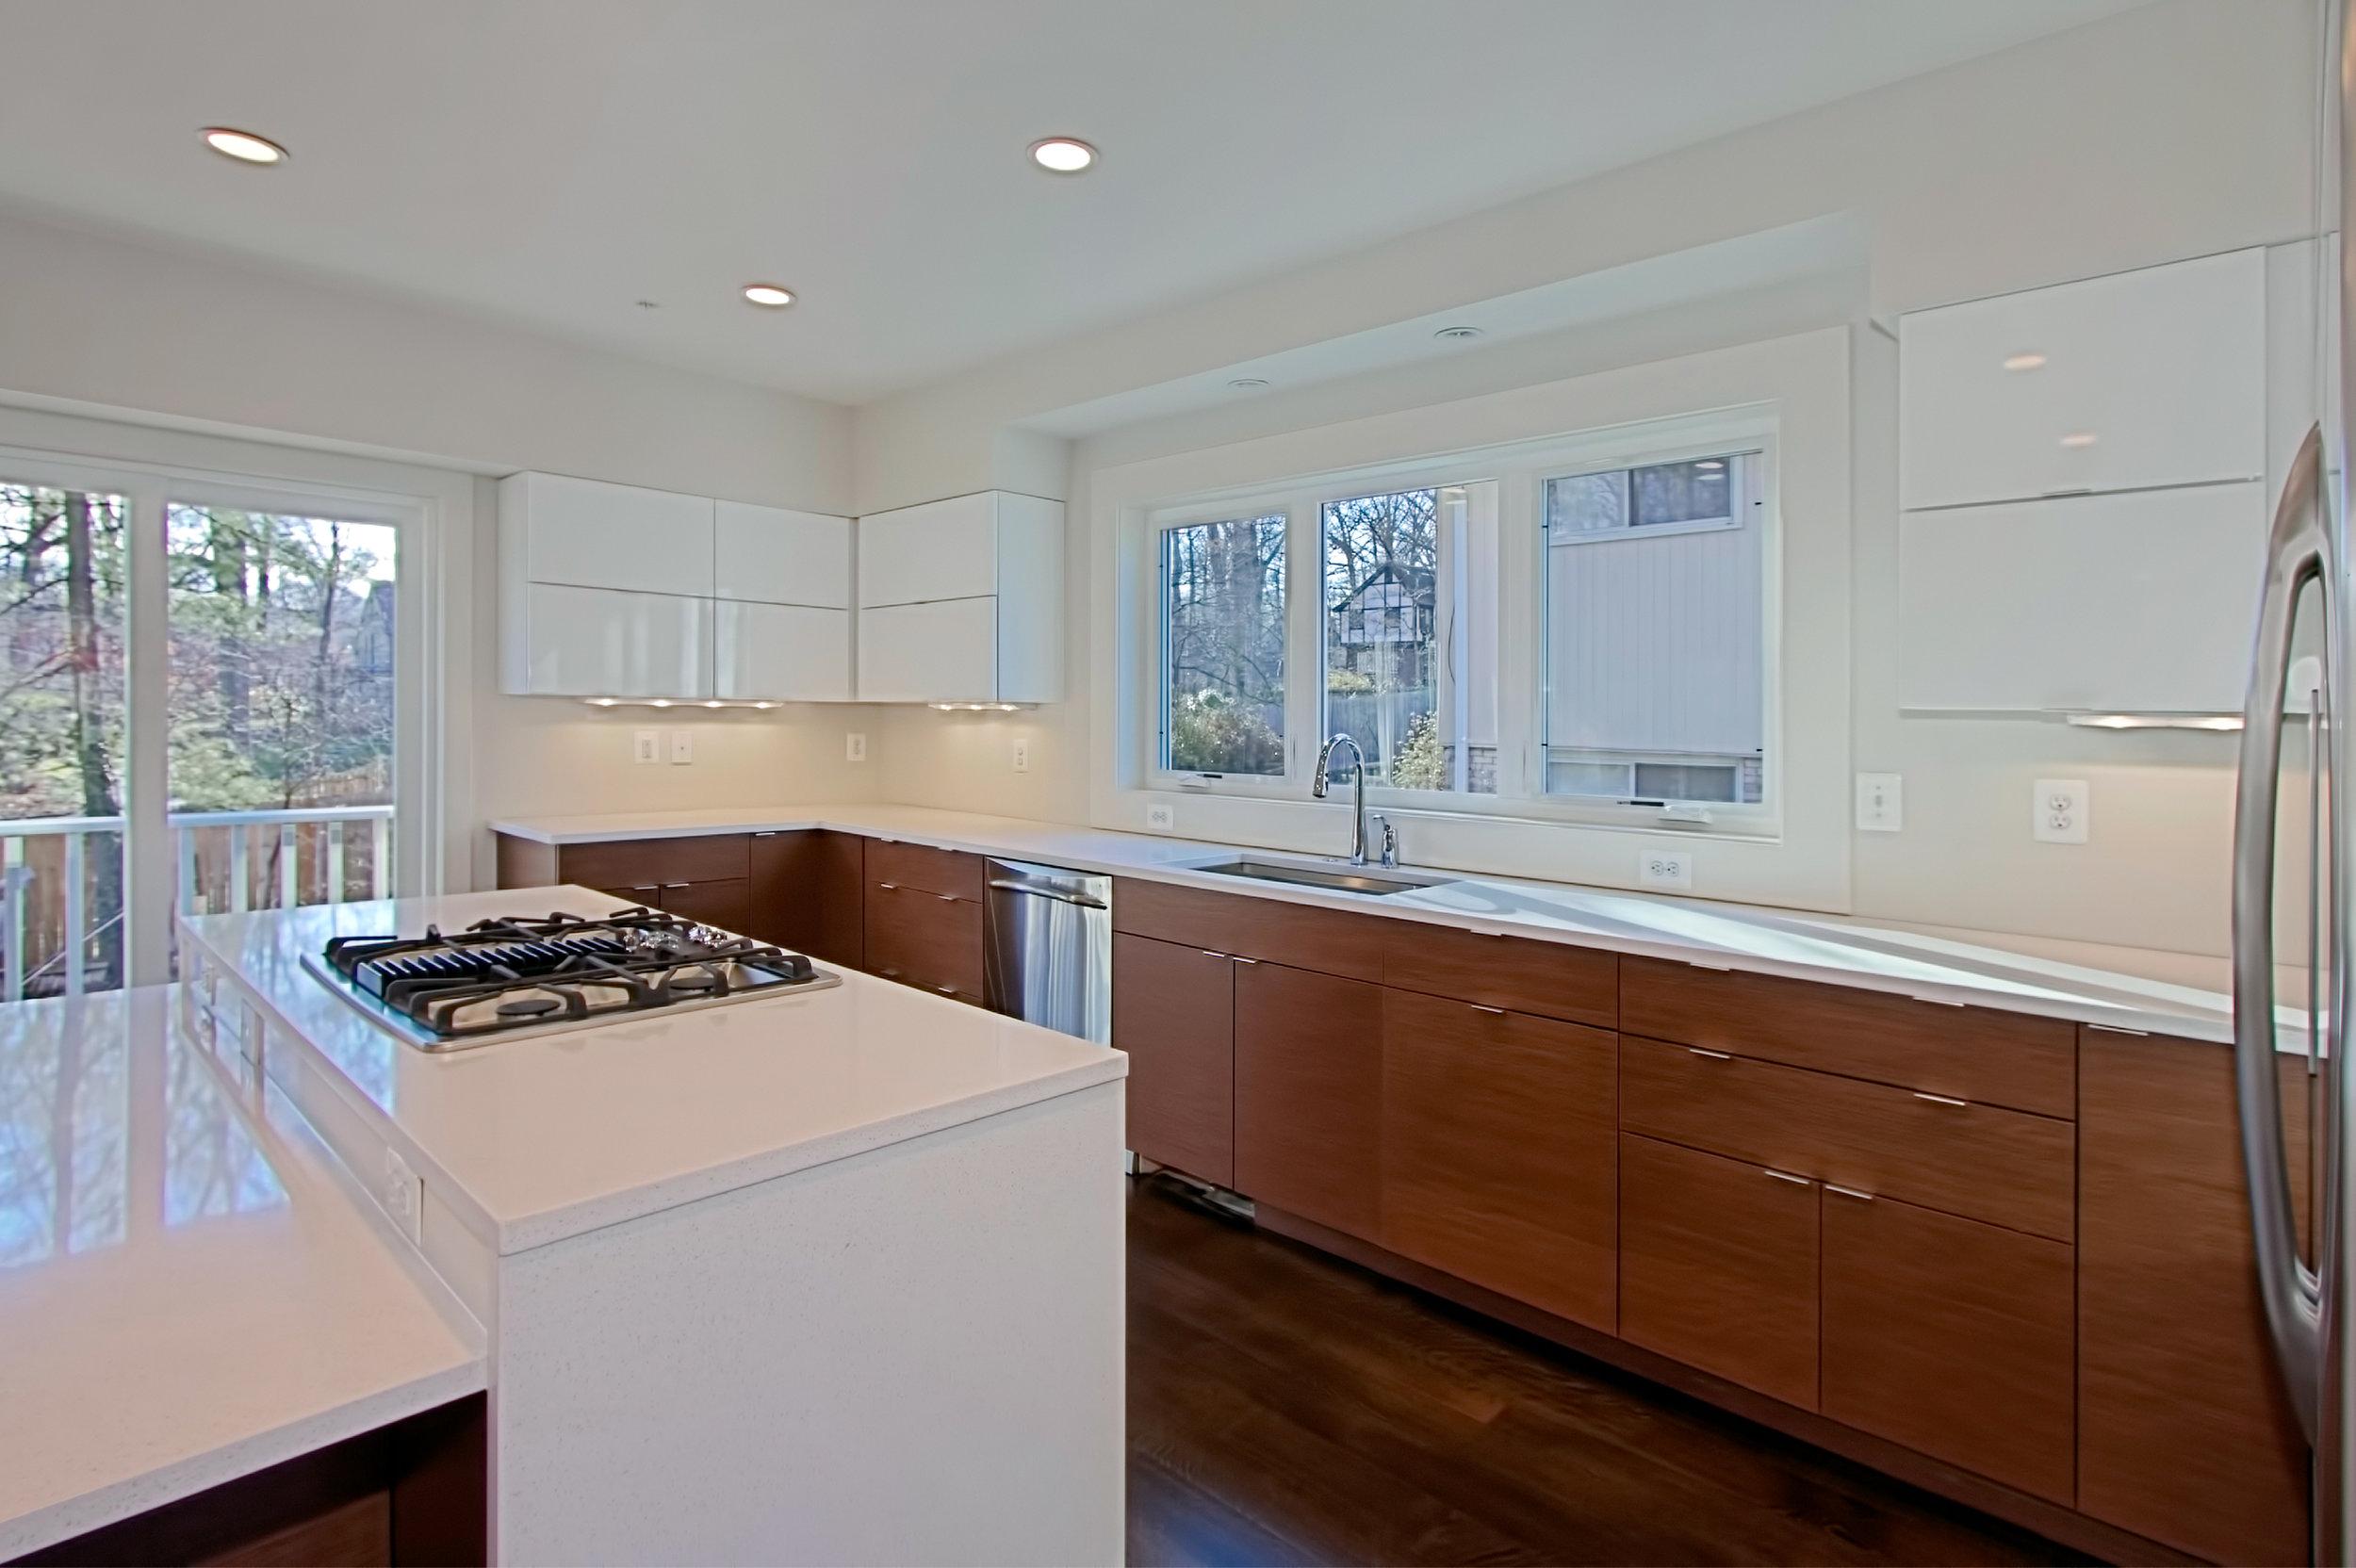 8311 Whitman Drive - Kitchen 3.jpg